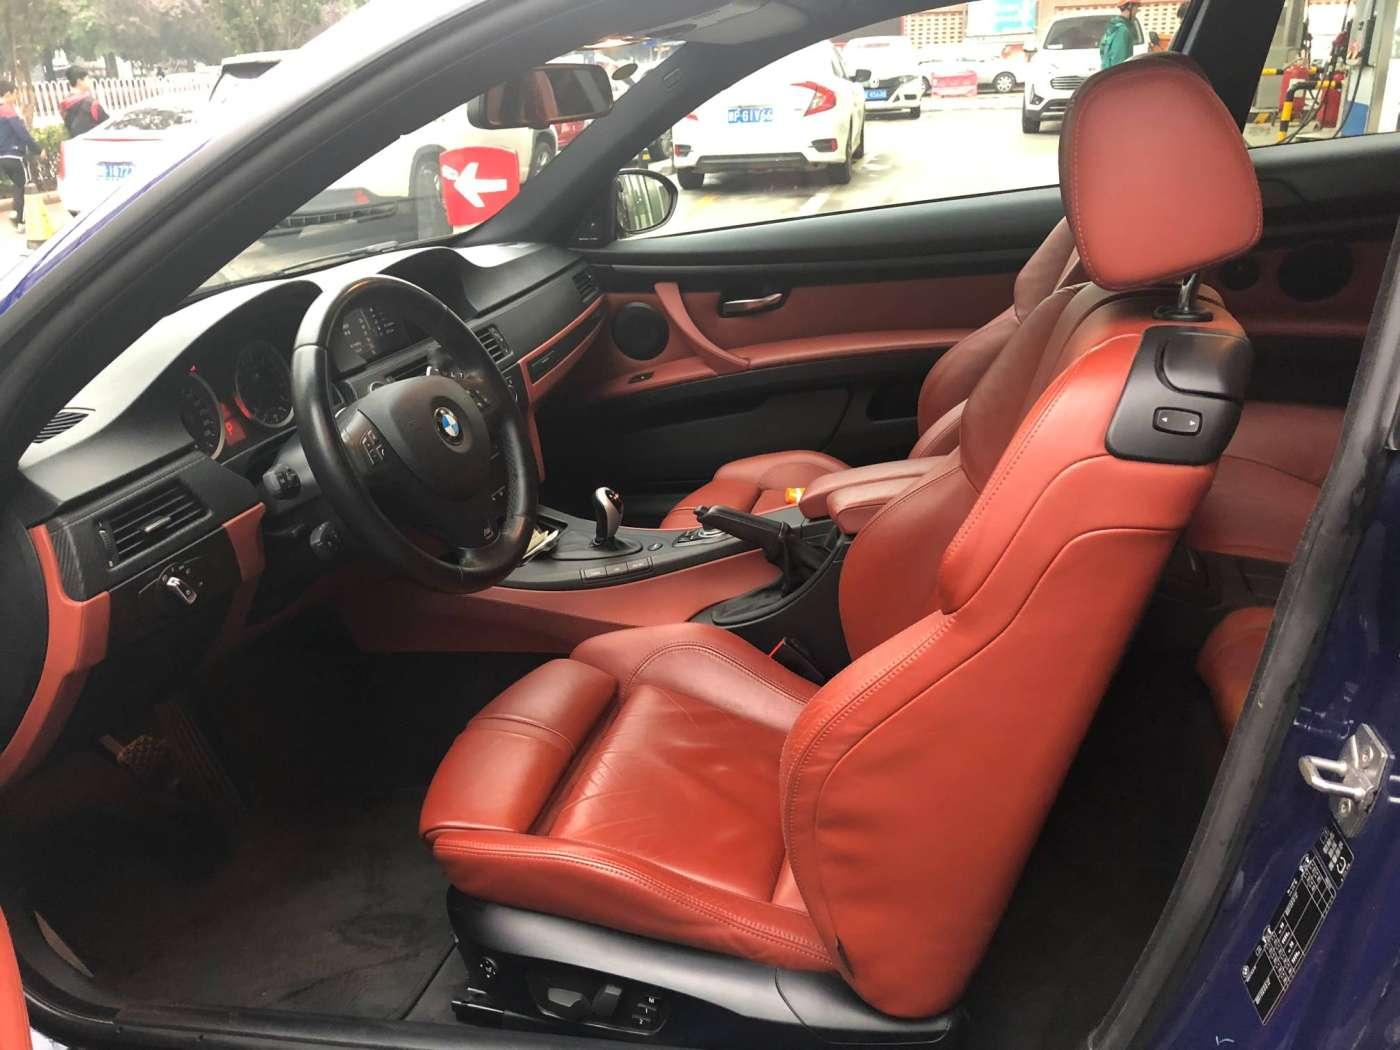 2012年10月 宝马M3 2011款 M3双门轿跑磨砂版|甄选宝马-北京卡斯基汽车服务有限公司